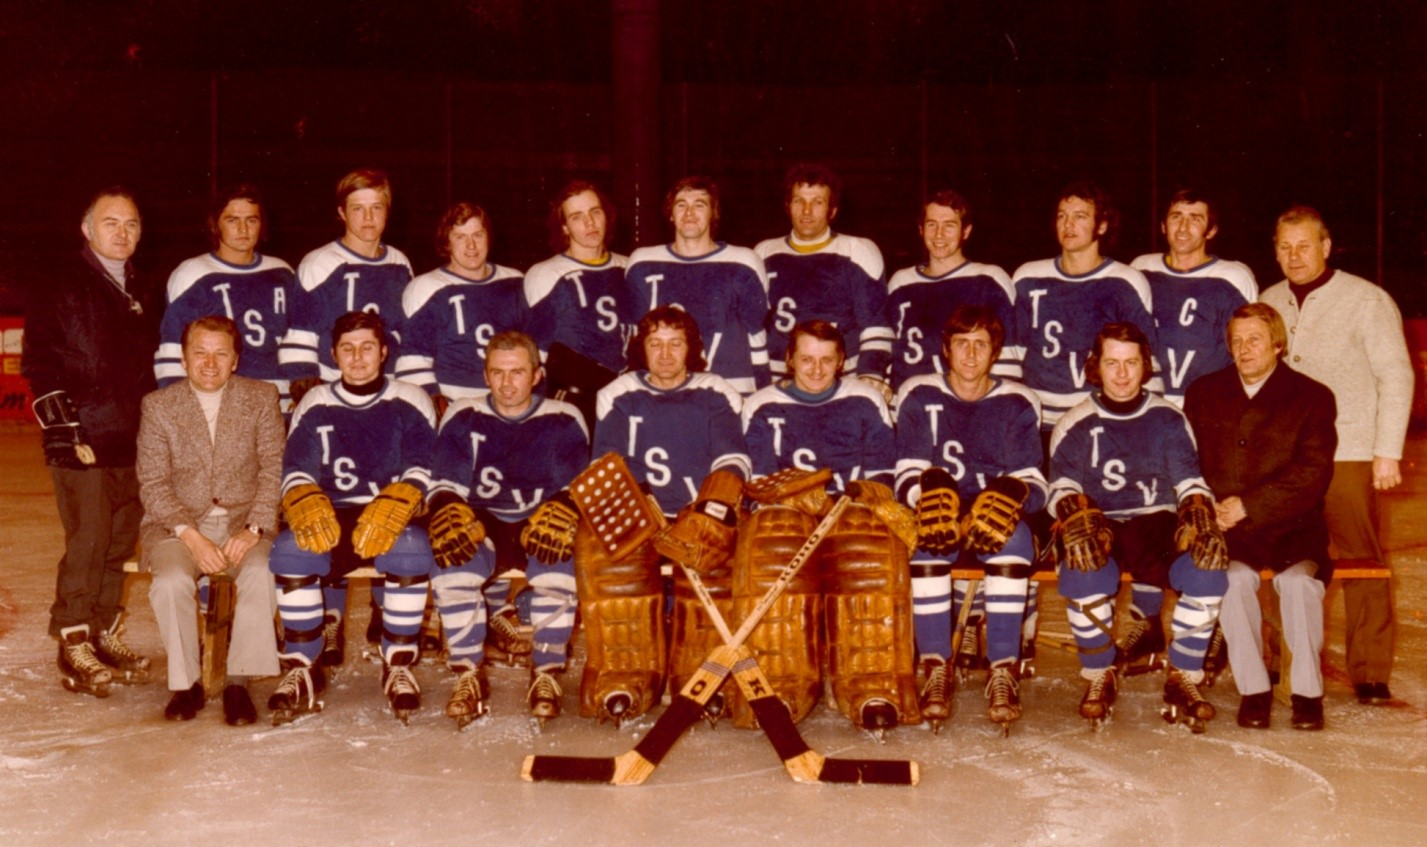 Gruppenfoto mit den Spielern der Straubing Tigers von 1973